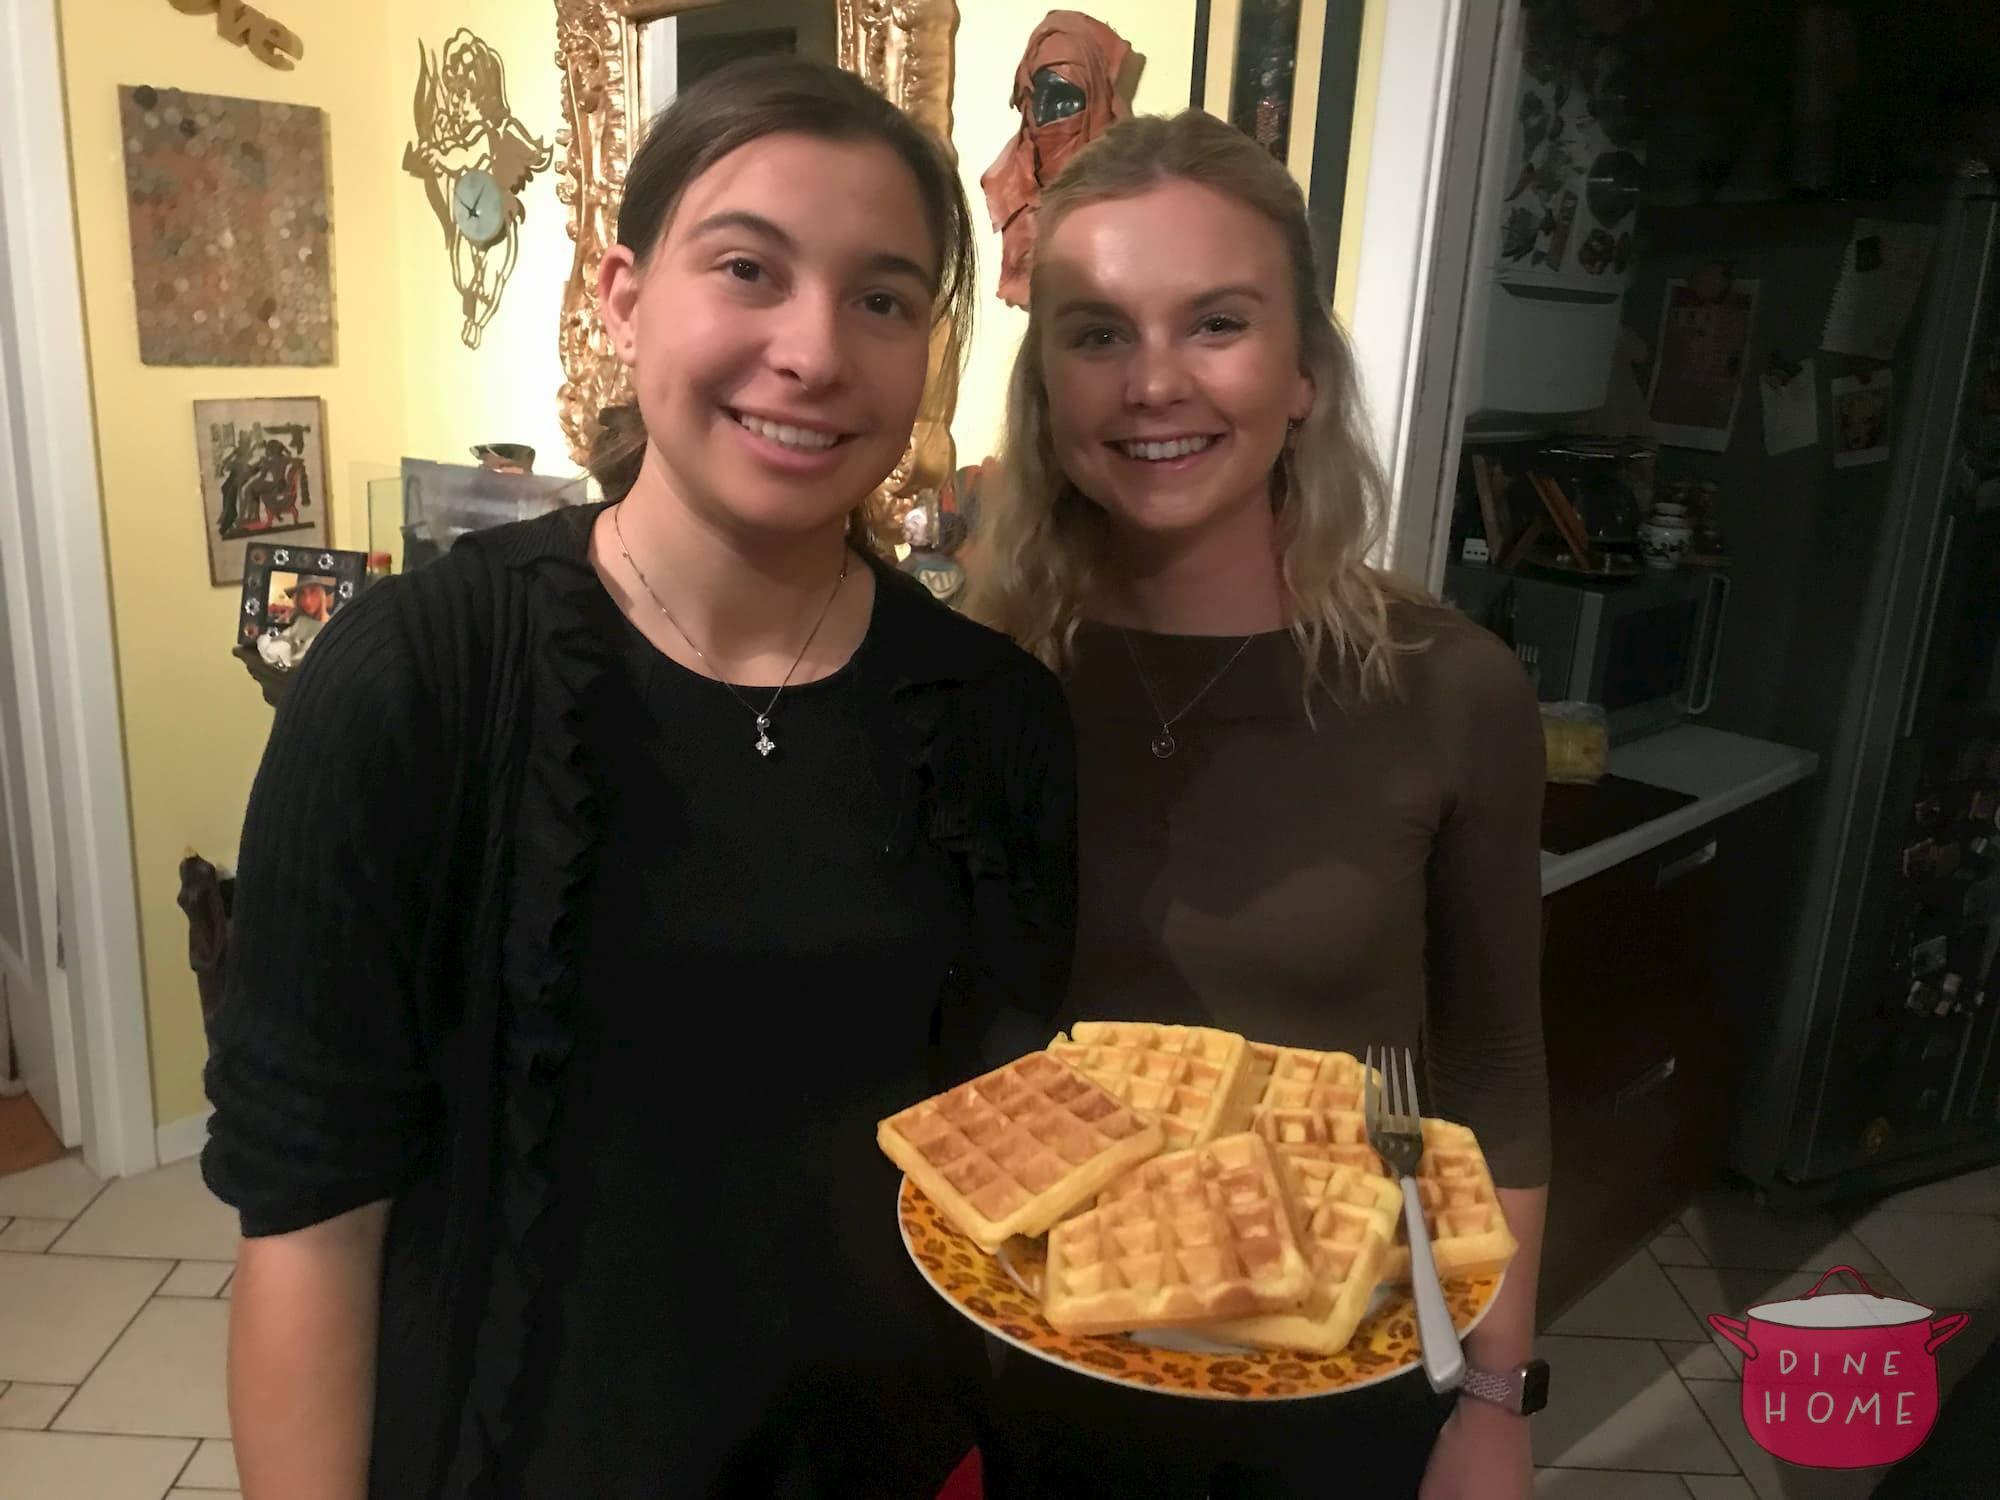 Allyson, studentessa dagli USA, a cena dalla sua famiglia Dinehome.